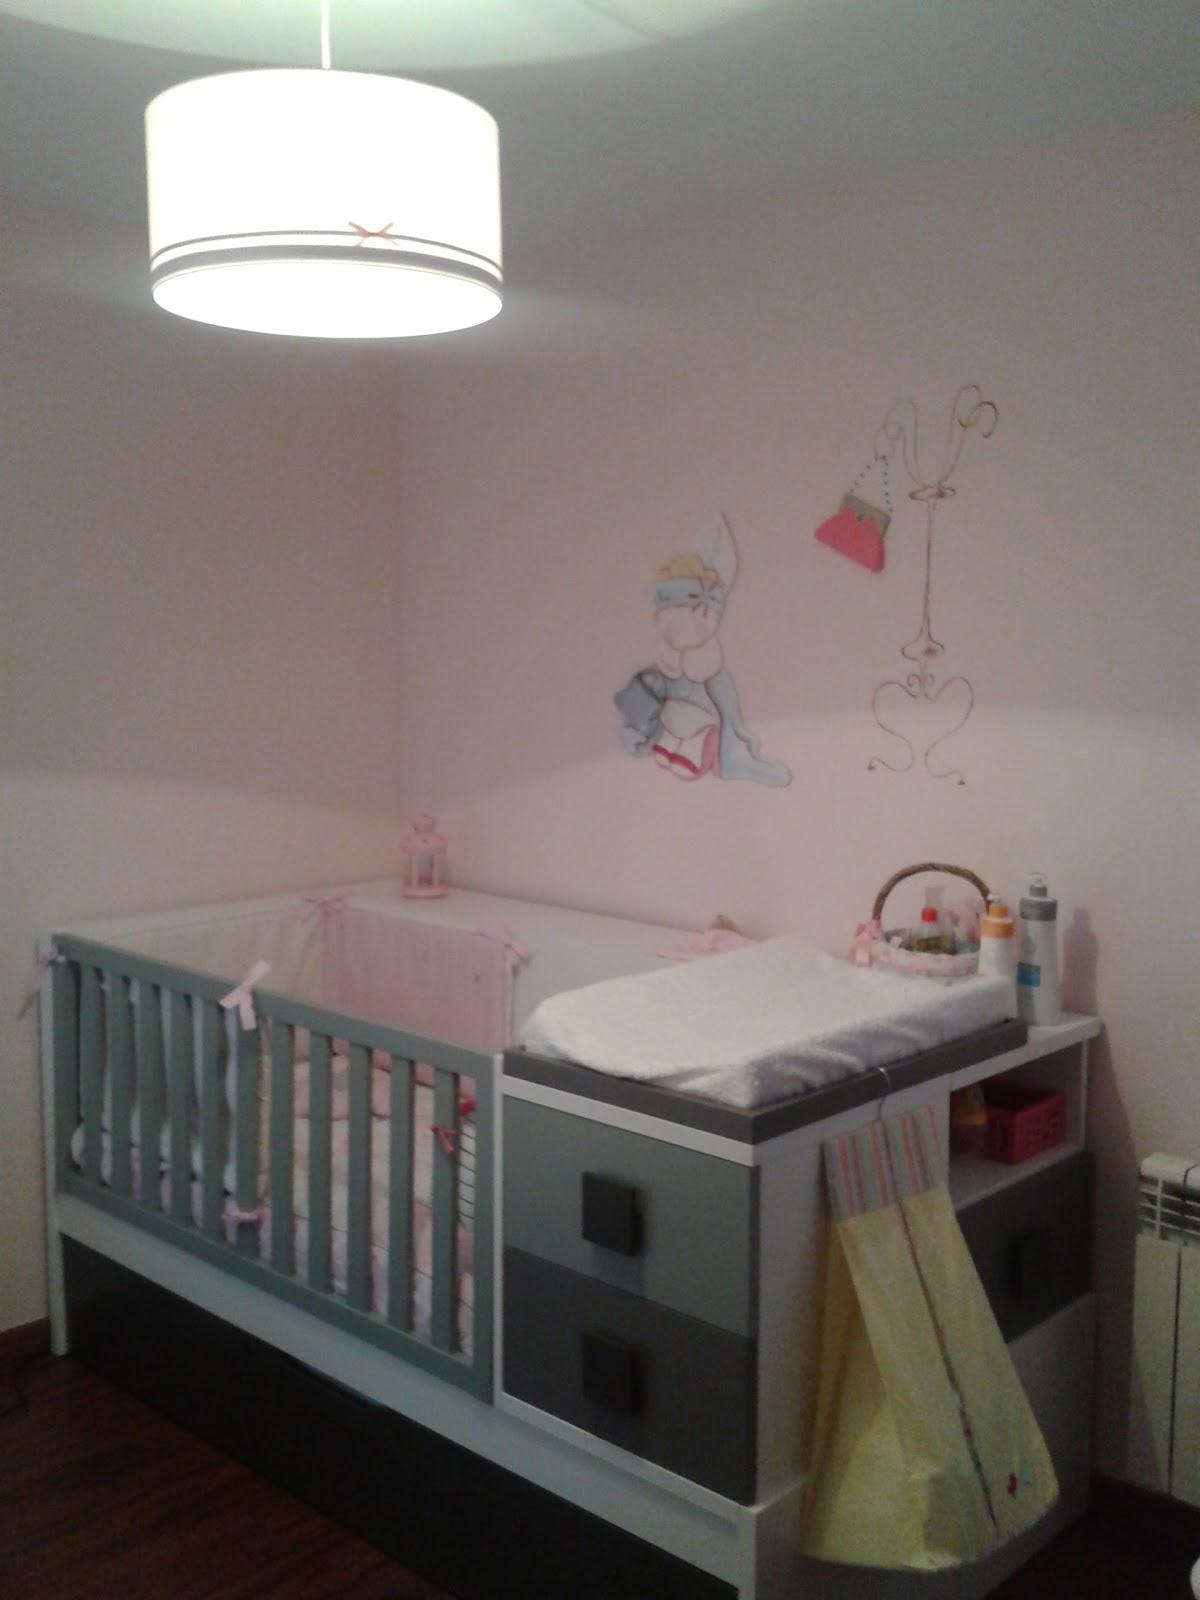 Tableau chambre bébé : faut-il les choisir avant ou après la finition des travaux ?